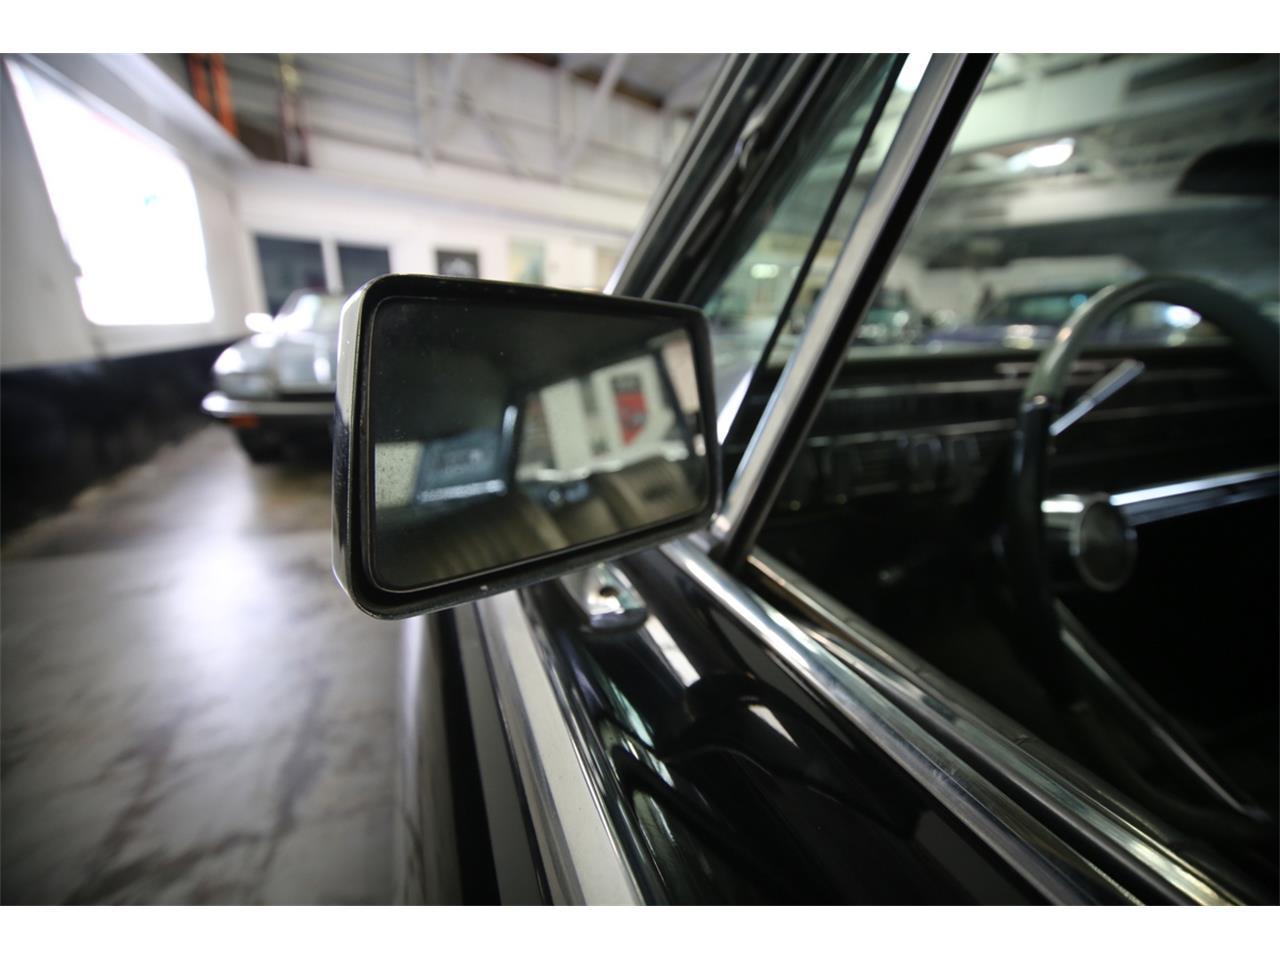 New 1964 Lincoln Interior Rear View Mirror